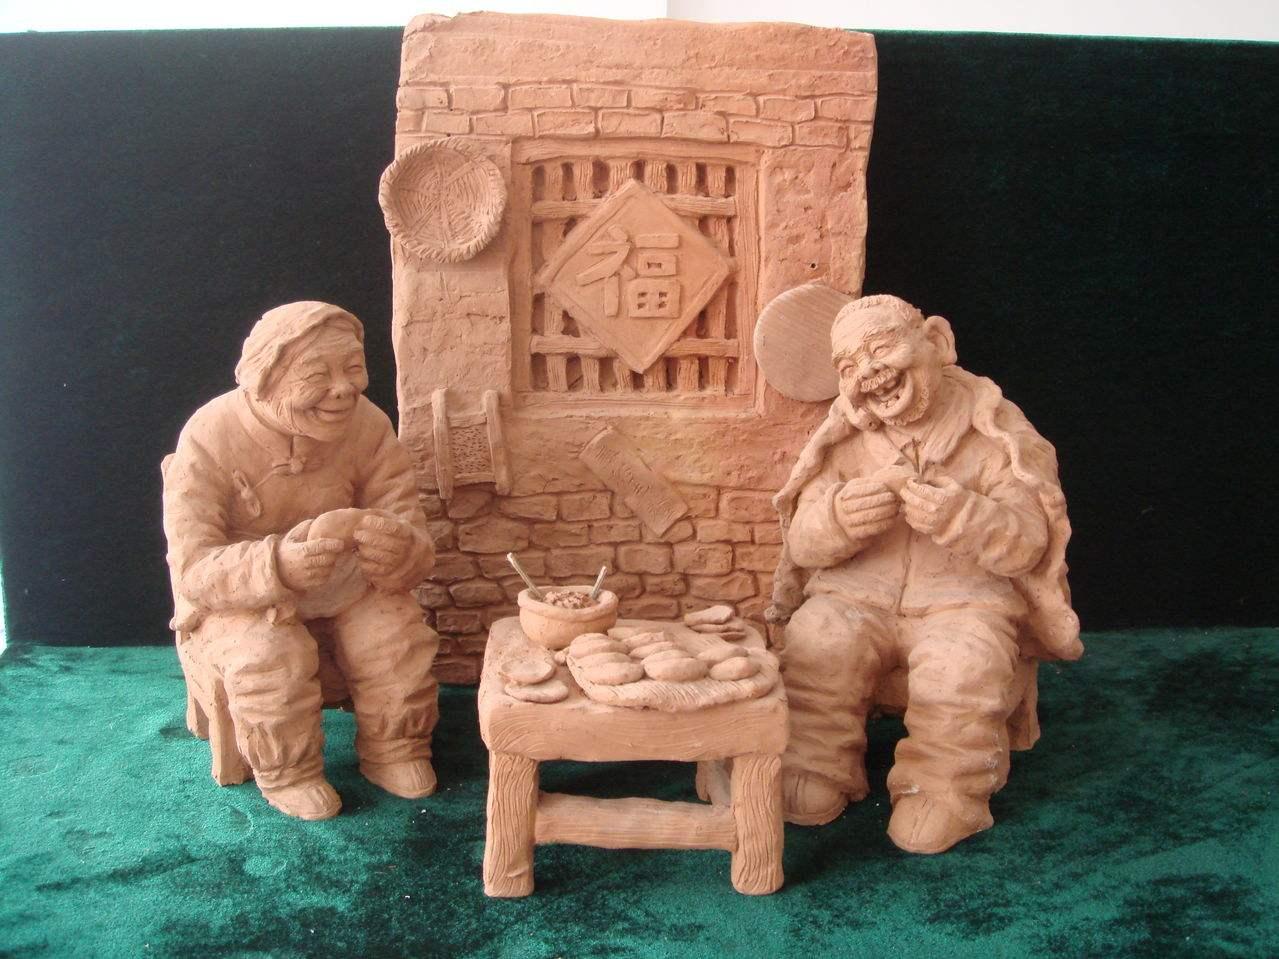 中国民间传统艺术泥塑的历史发展源流